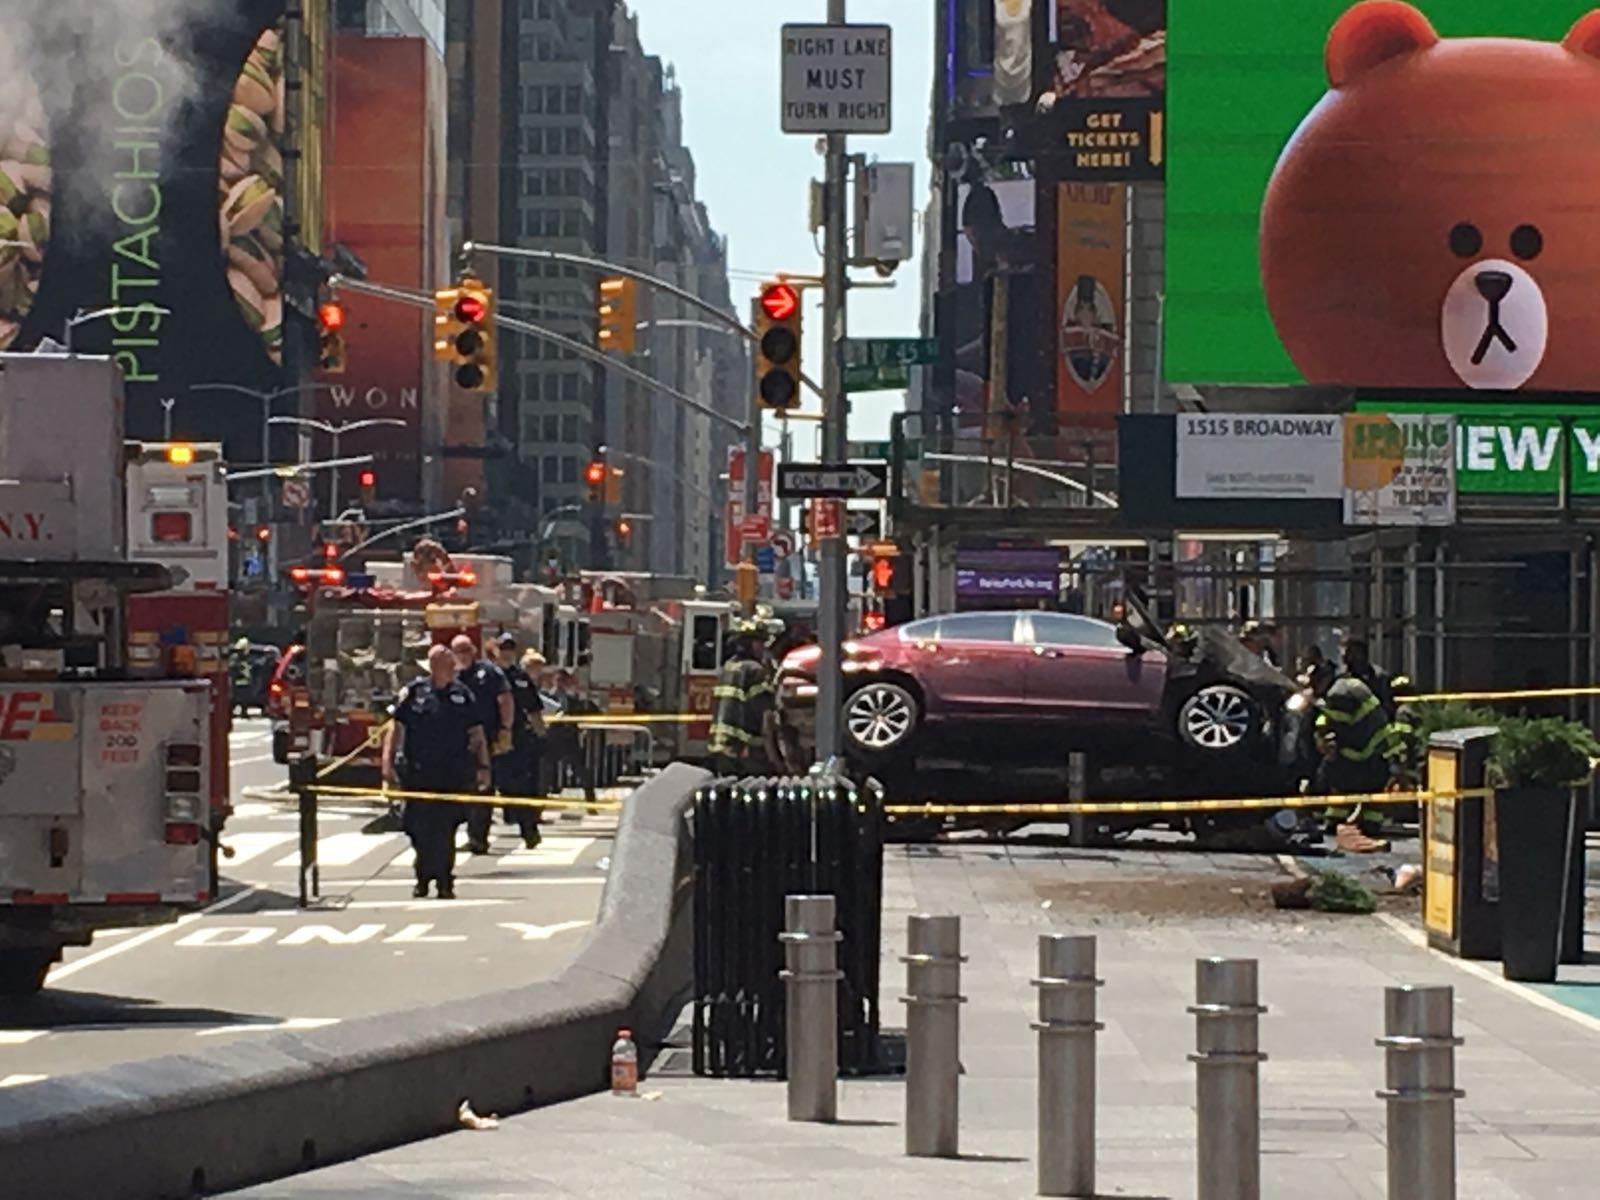 ++ New York: polizia conferma almeno 1 morto, 20 feriti ++